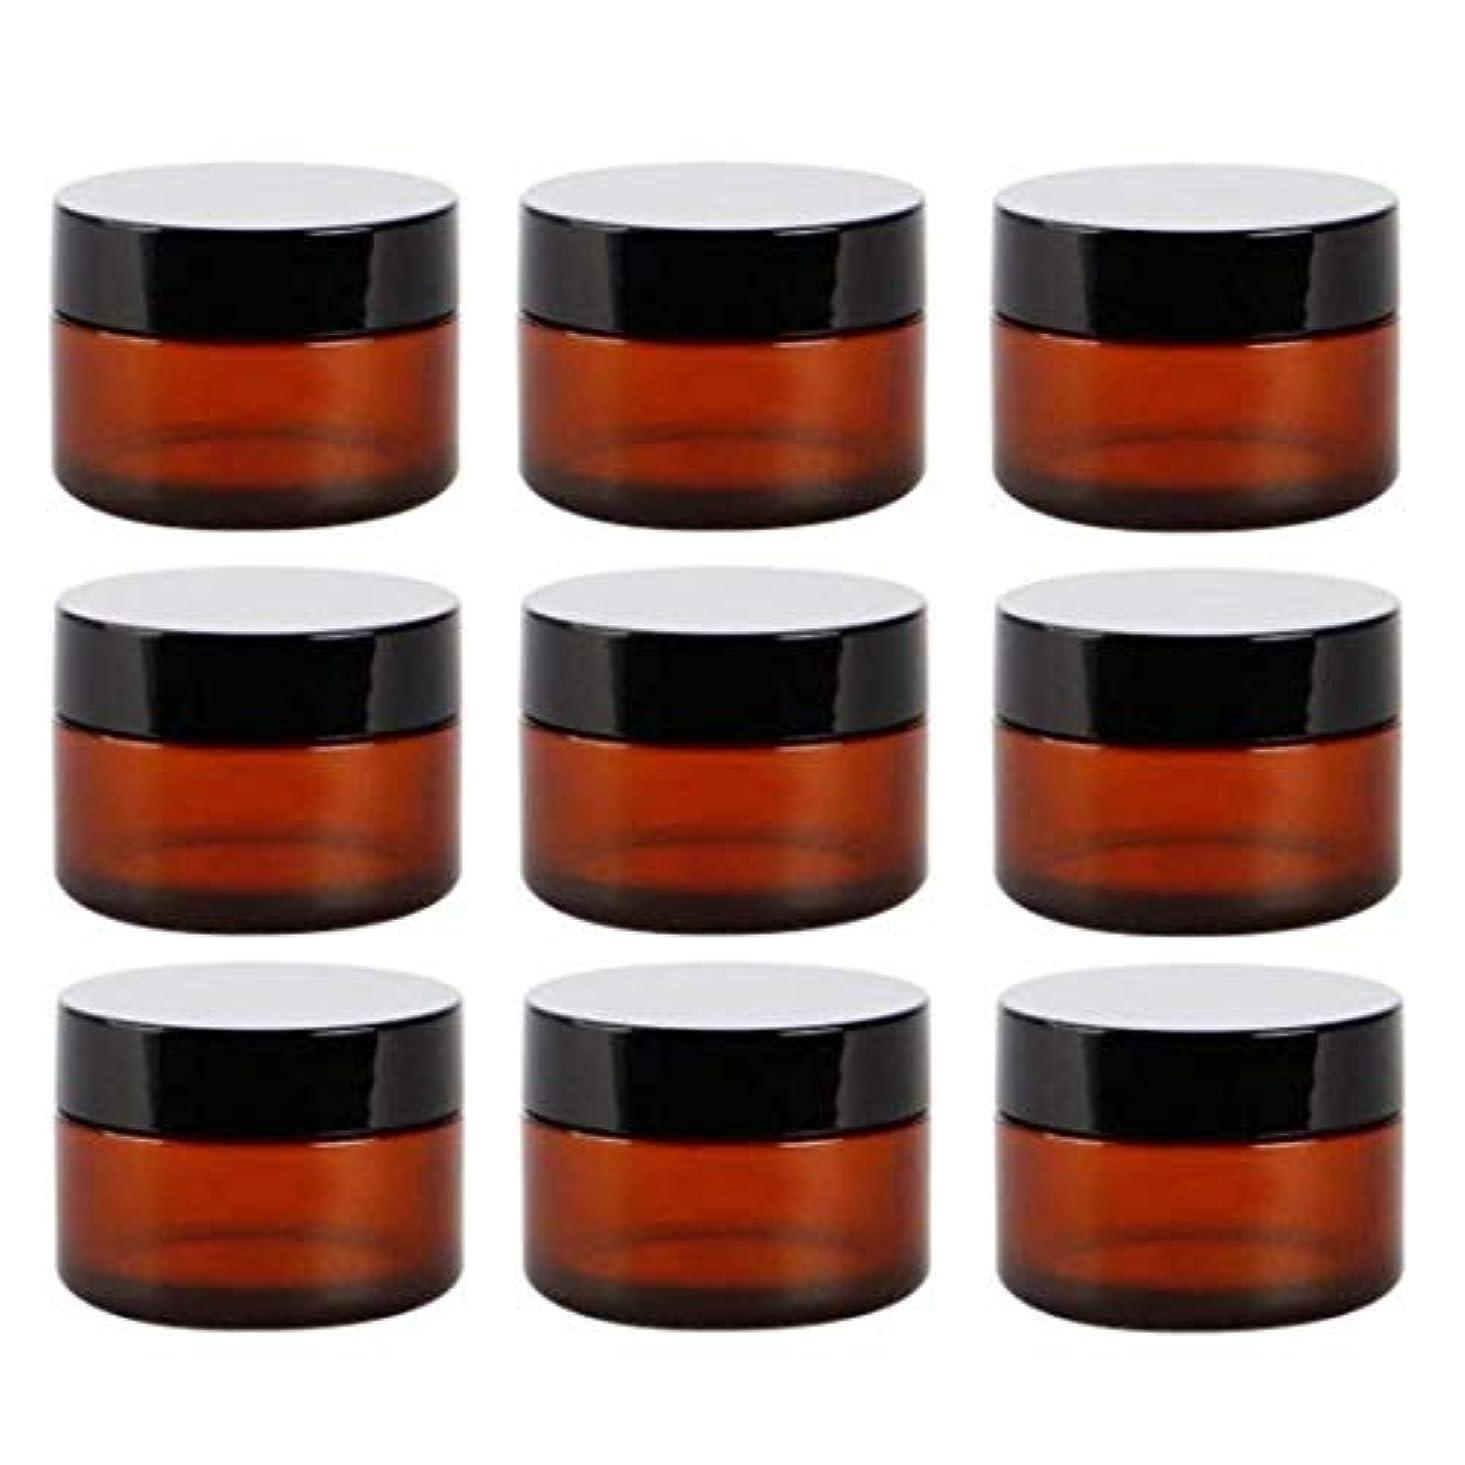 政治的ウェイトレスわなスポイト遮光瓶 アロマオイル 9本セット 精油 香水やアロマの保存 小分け用 遮光瓶 保存 詰替え ガラス製 茶色10g